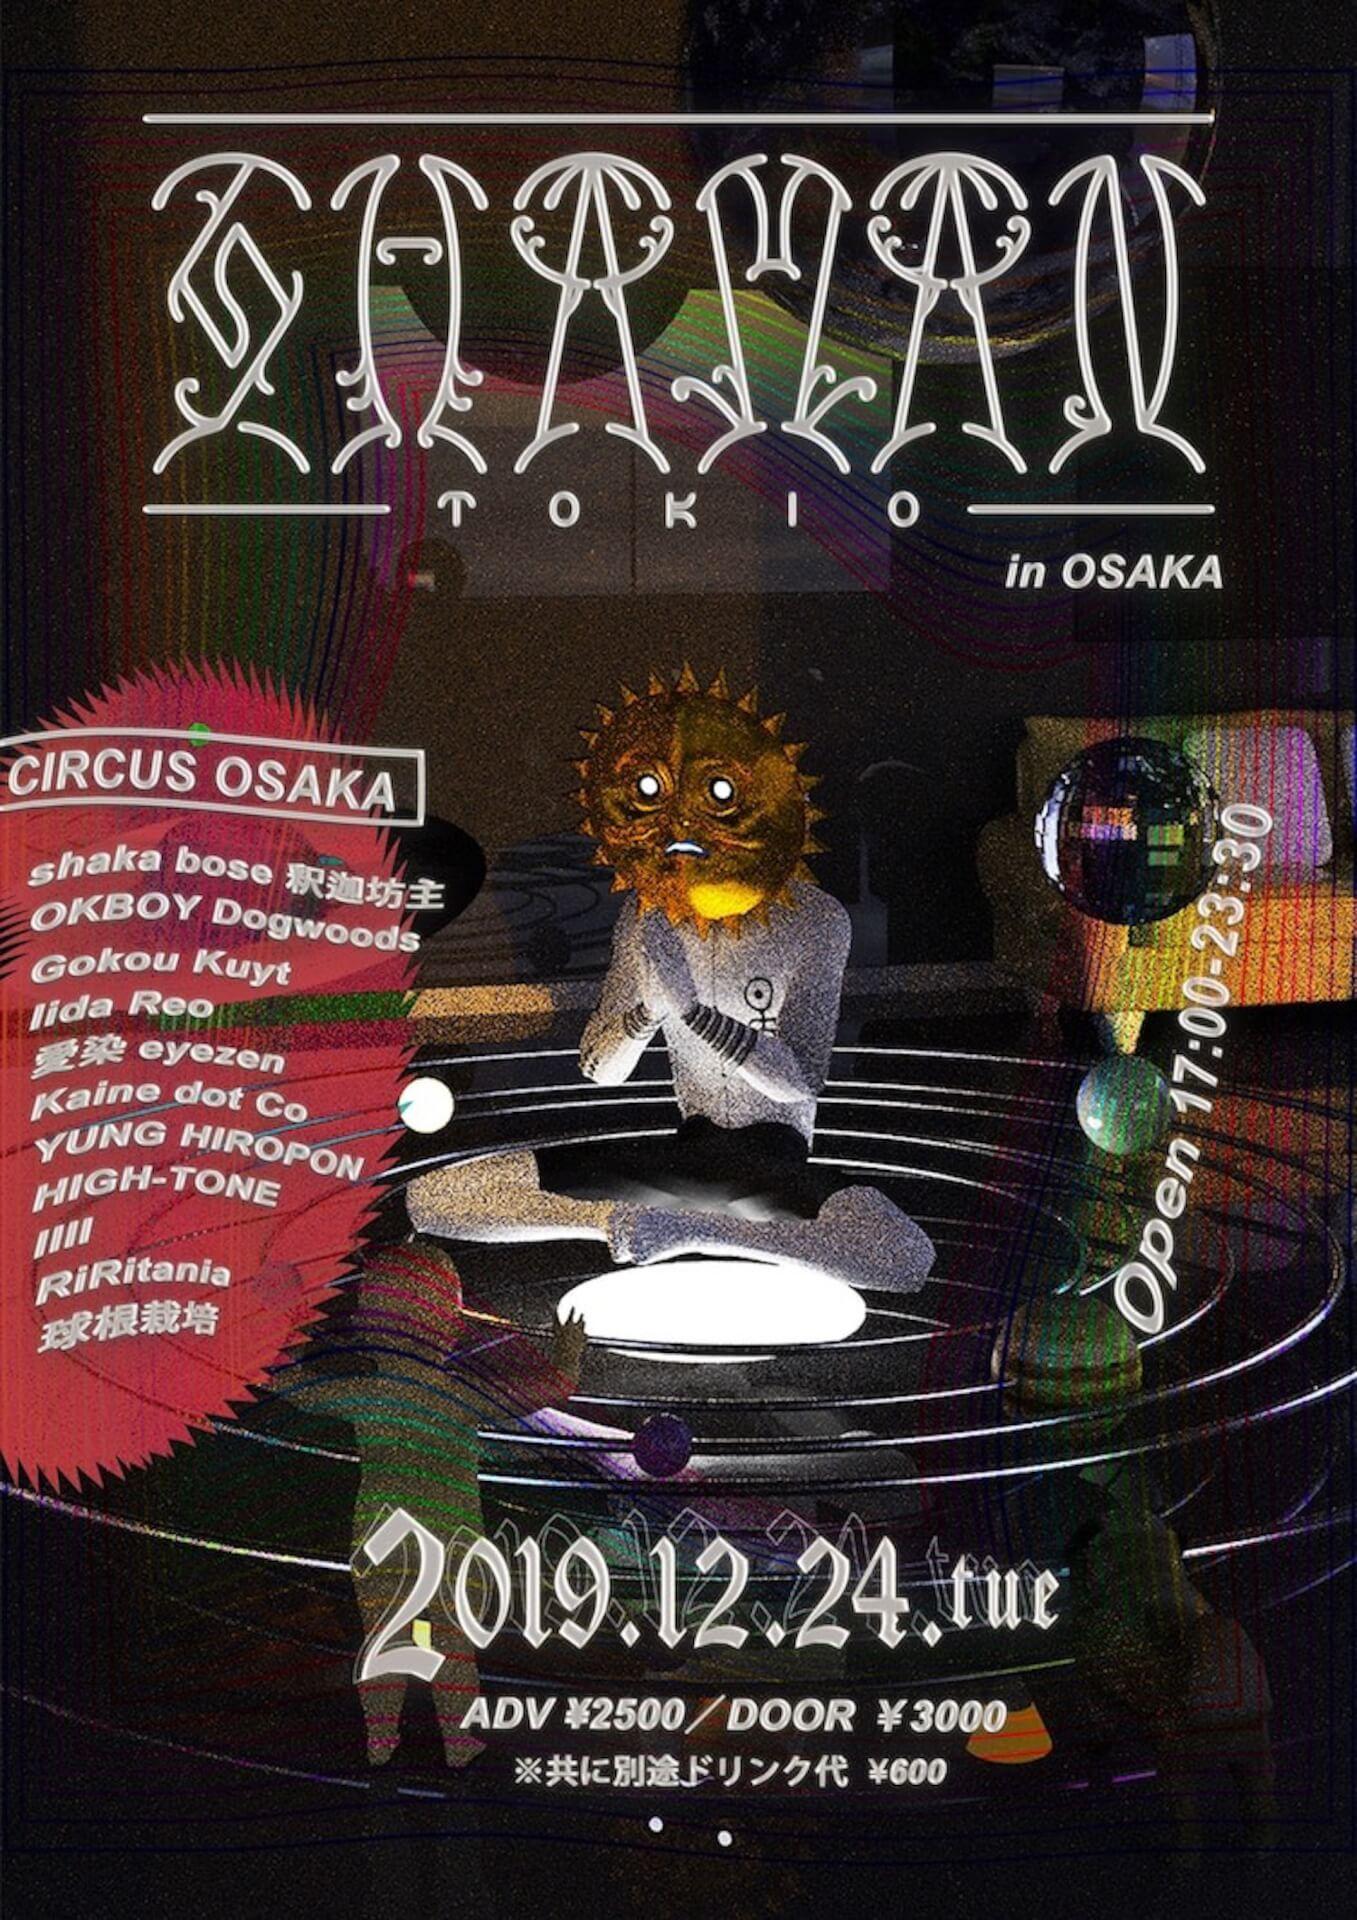 釈迦坊主、新EP『NAGOMI』リリースをついに発表 自主企画<TOKIO SHAMAN>詳細も解禁 music191223_shakabose_1